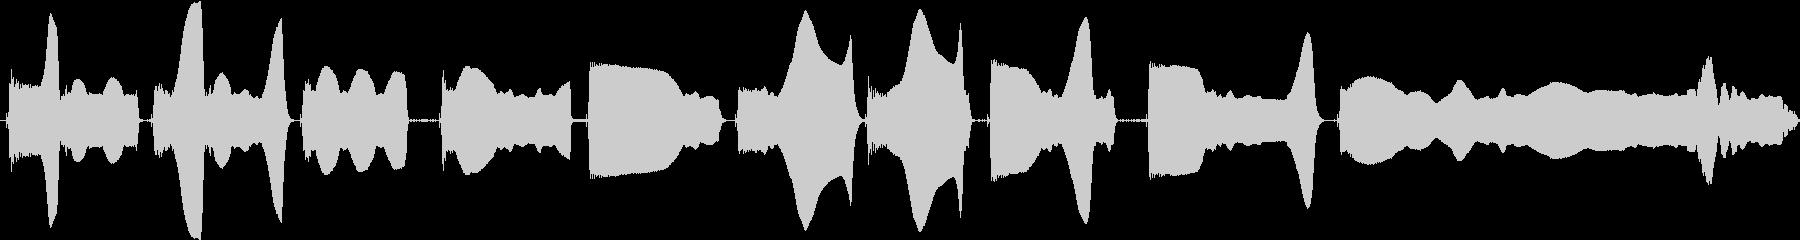 トーンベース変調の未再生の波形